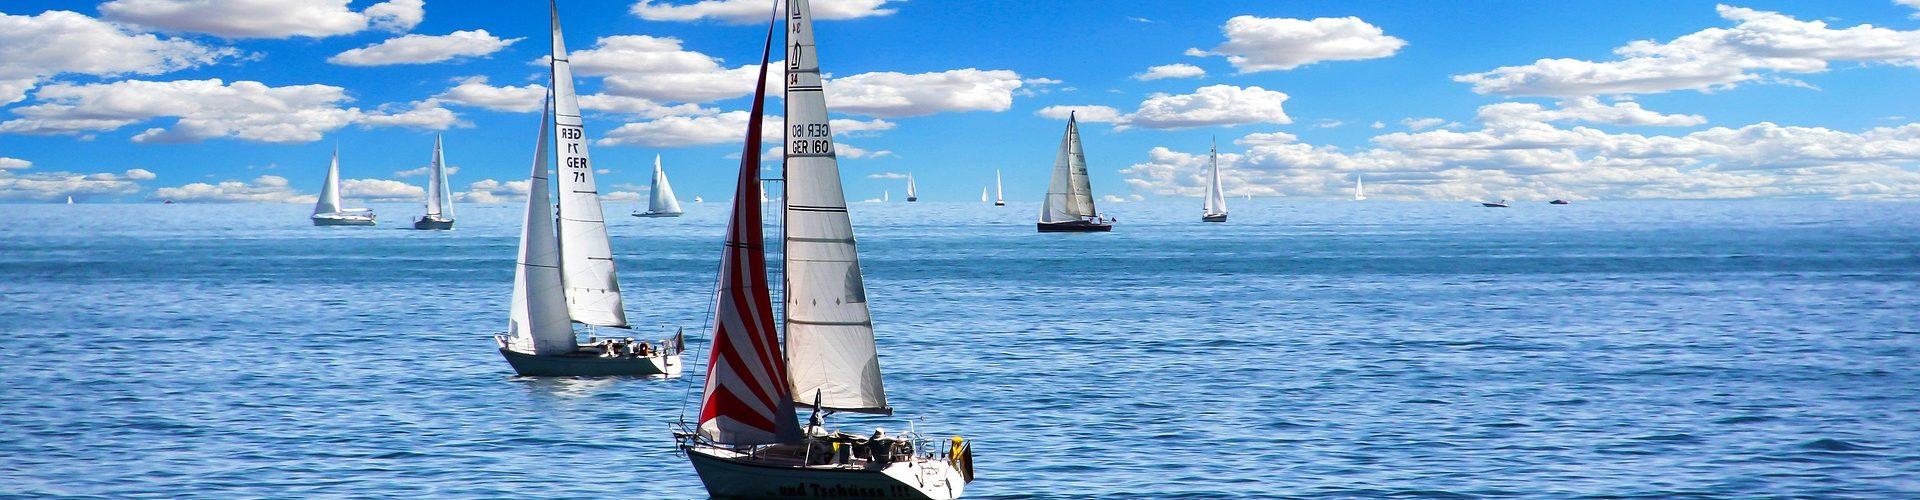 segeln lernen in Emstek segelschein machen in Emstek 1920x500 - Segeln lernen in Emstek